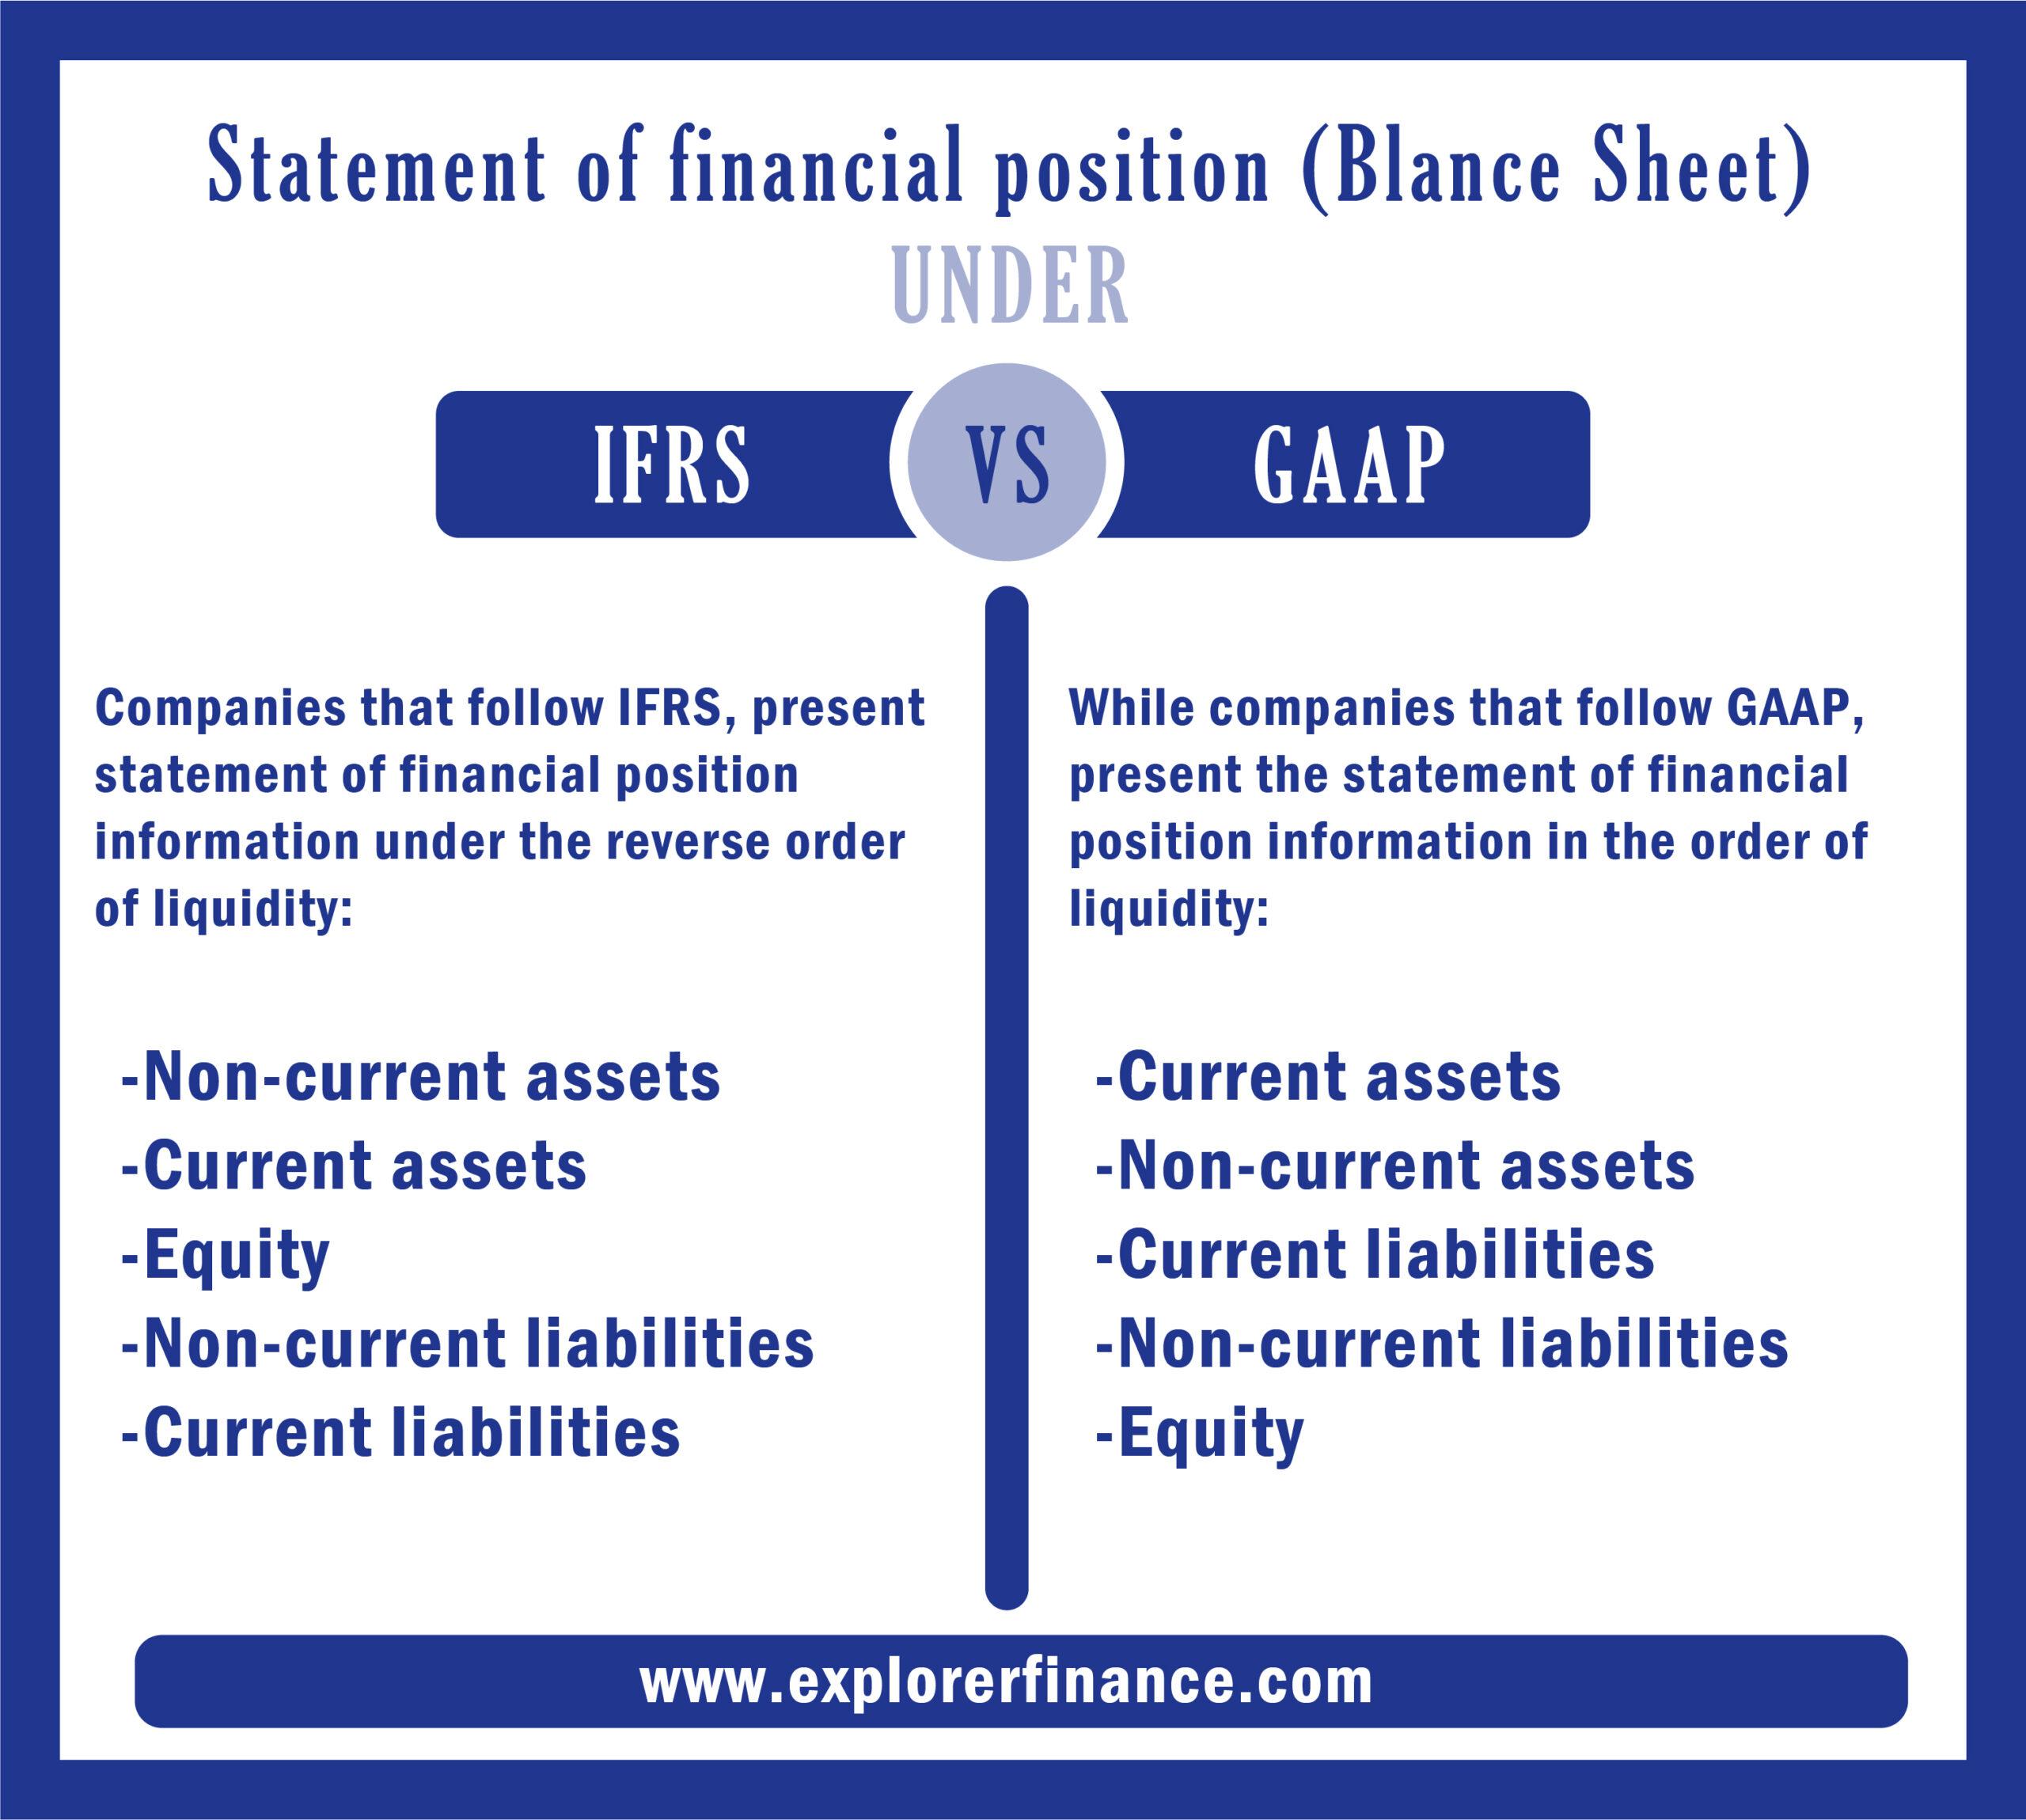 IFRS VS GAAP AND BALANCE SHEET